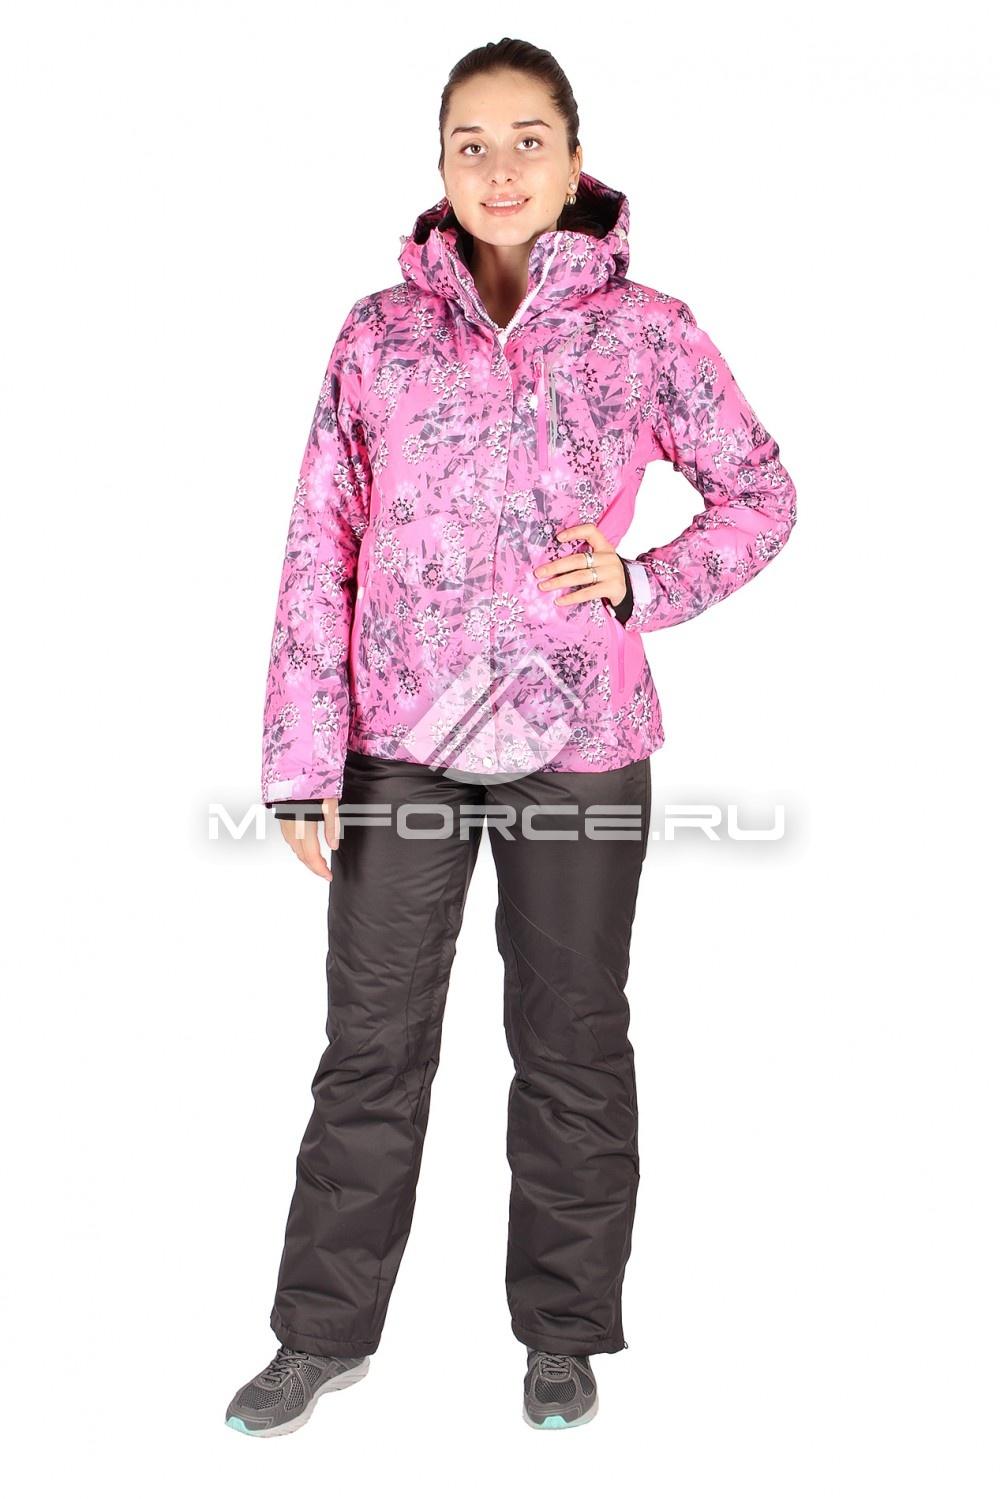 Купить                                  оптом Костюм горнолыжный женский розового цвета 01517-1R